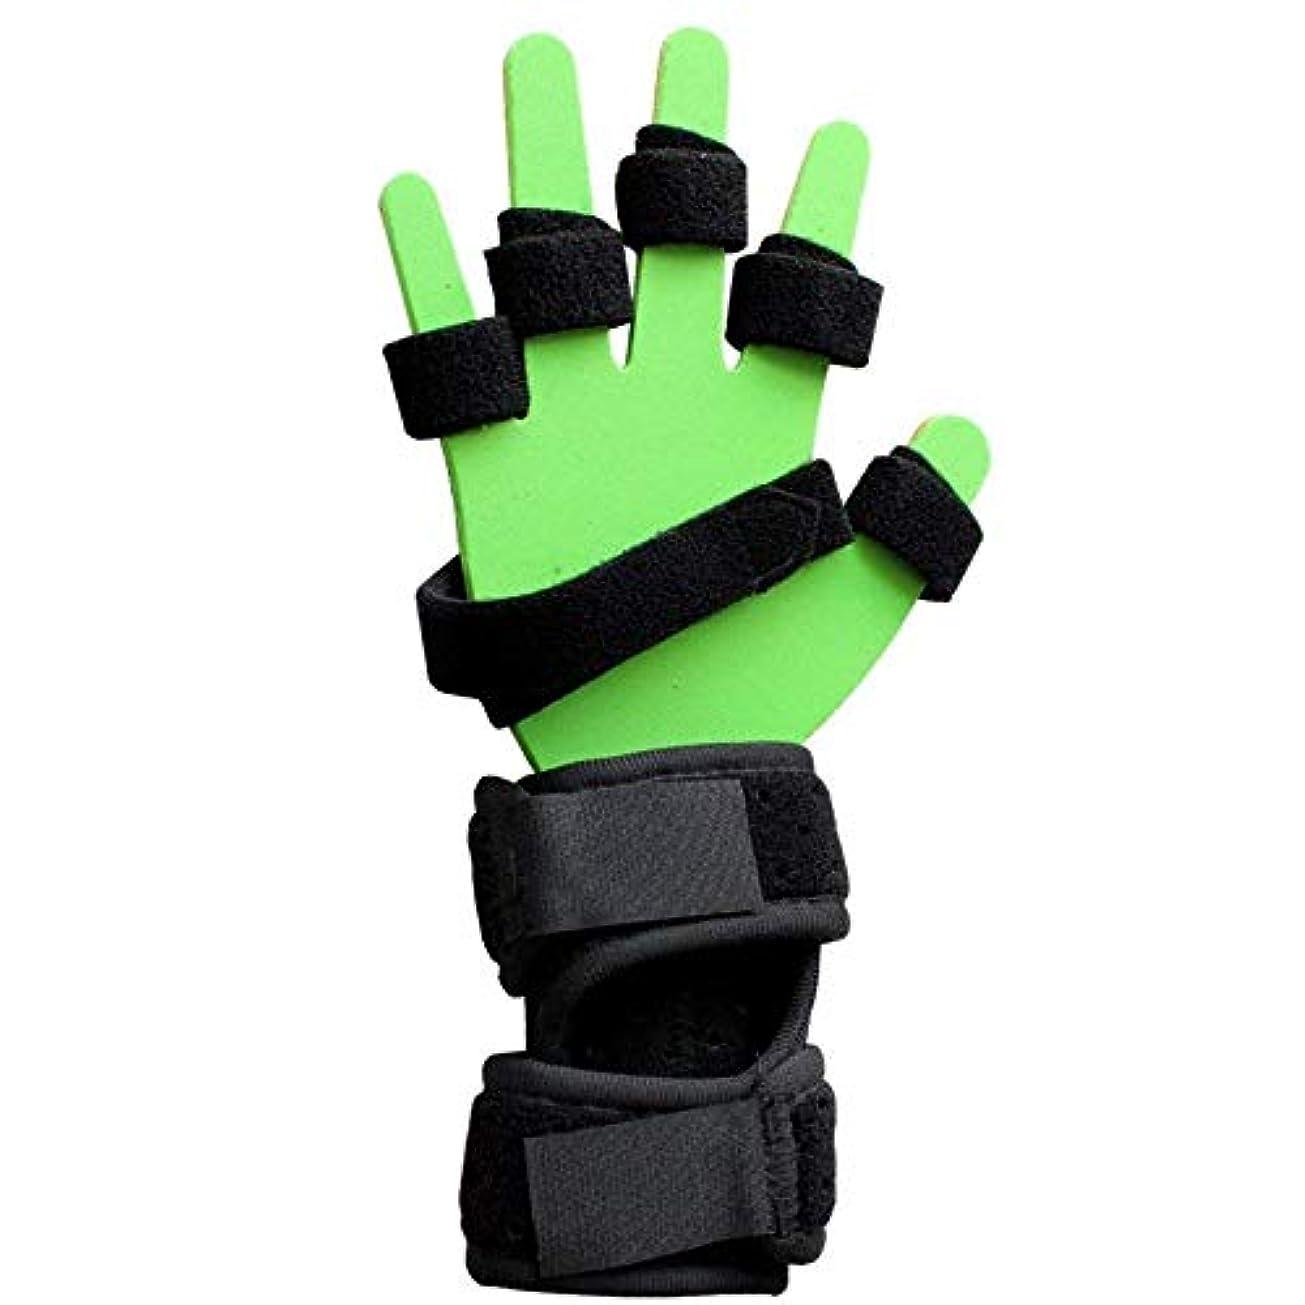 少年偶然の測定可能指損傷サポート、指板トレーニング指固定プレート、片麻痺用指装具プラスチックアルミニウムプレート,RightHand-M